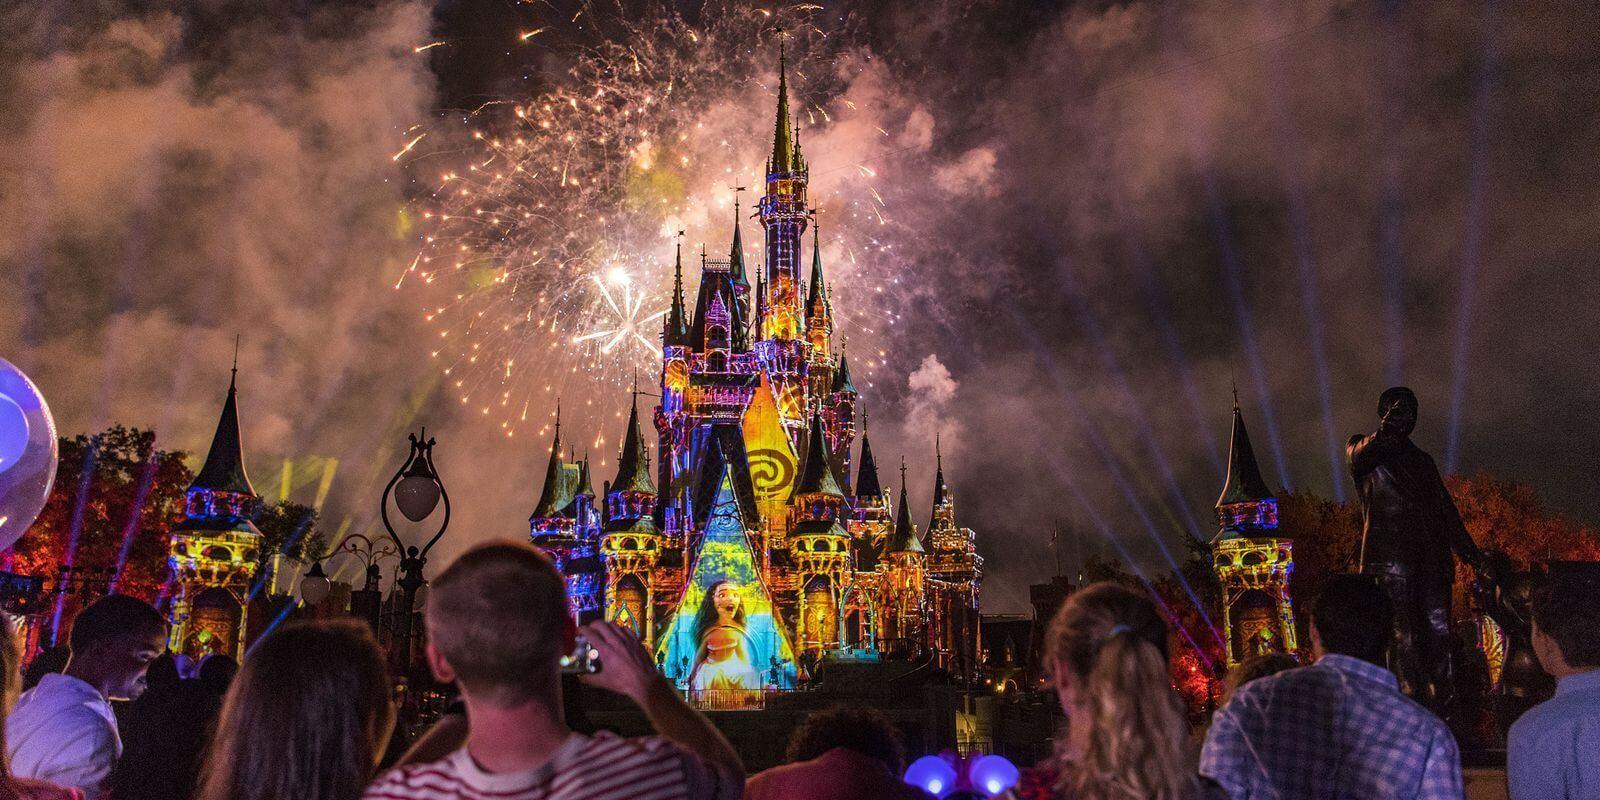 Show de fogos Disney Happily Ever After no Magic Kingdom em Orlando